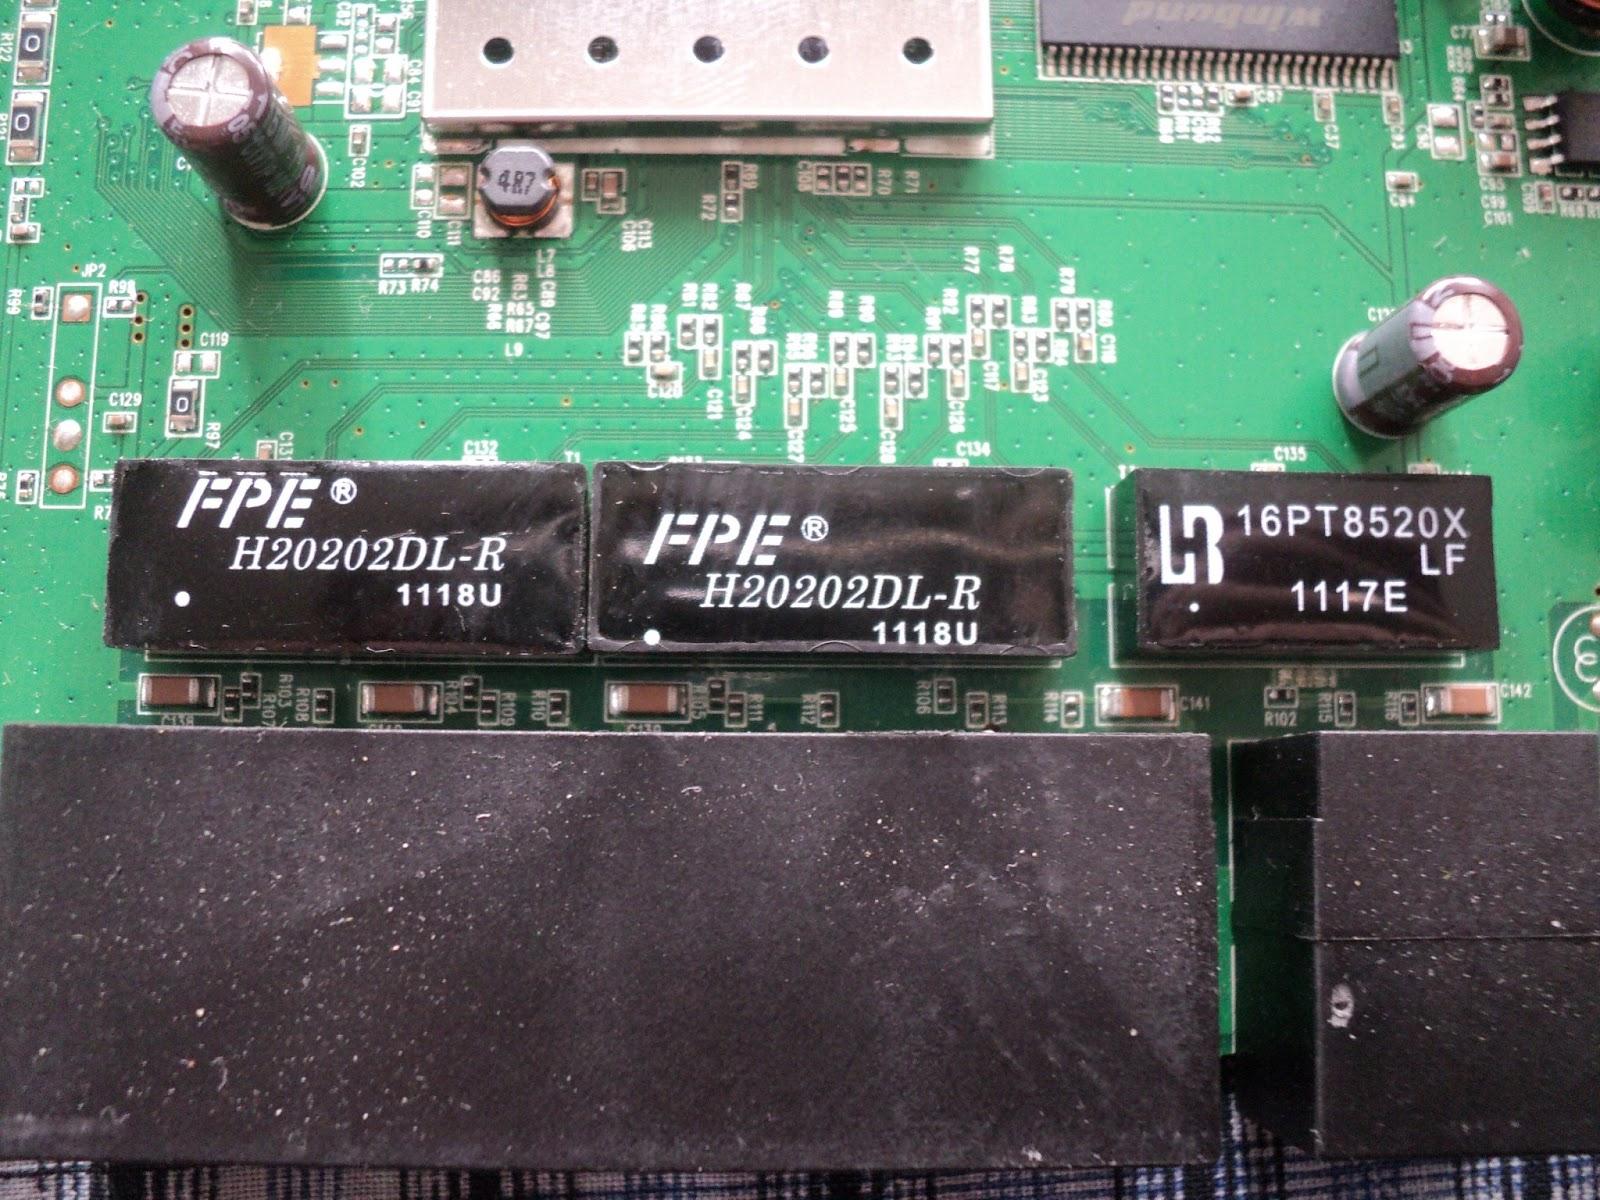 инструкция по установка кастомных прошивок на андроид xperia arc s